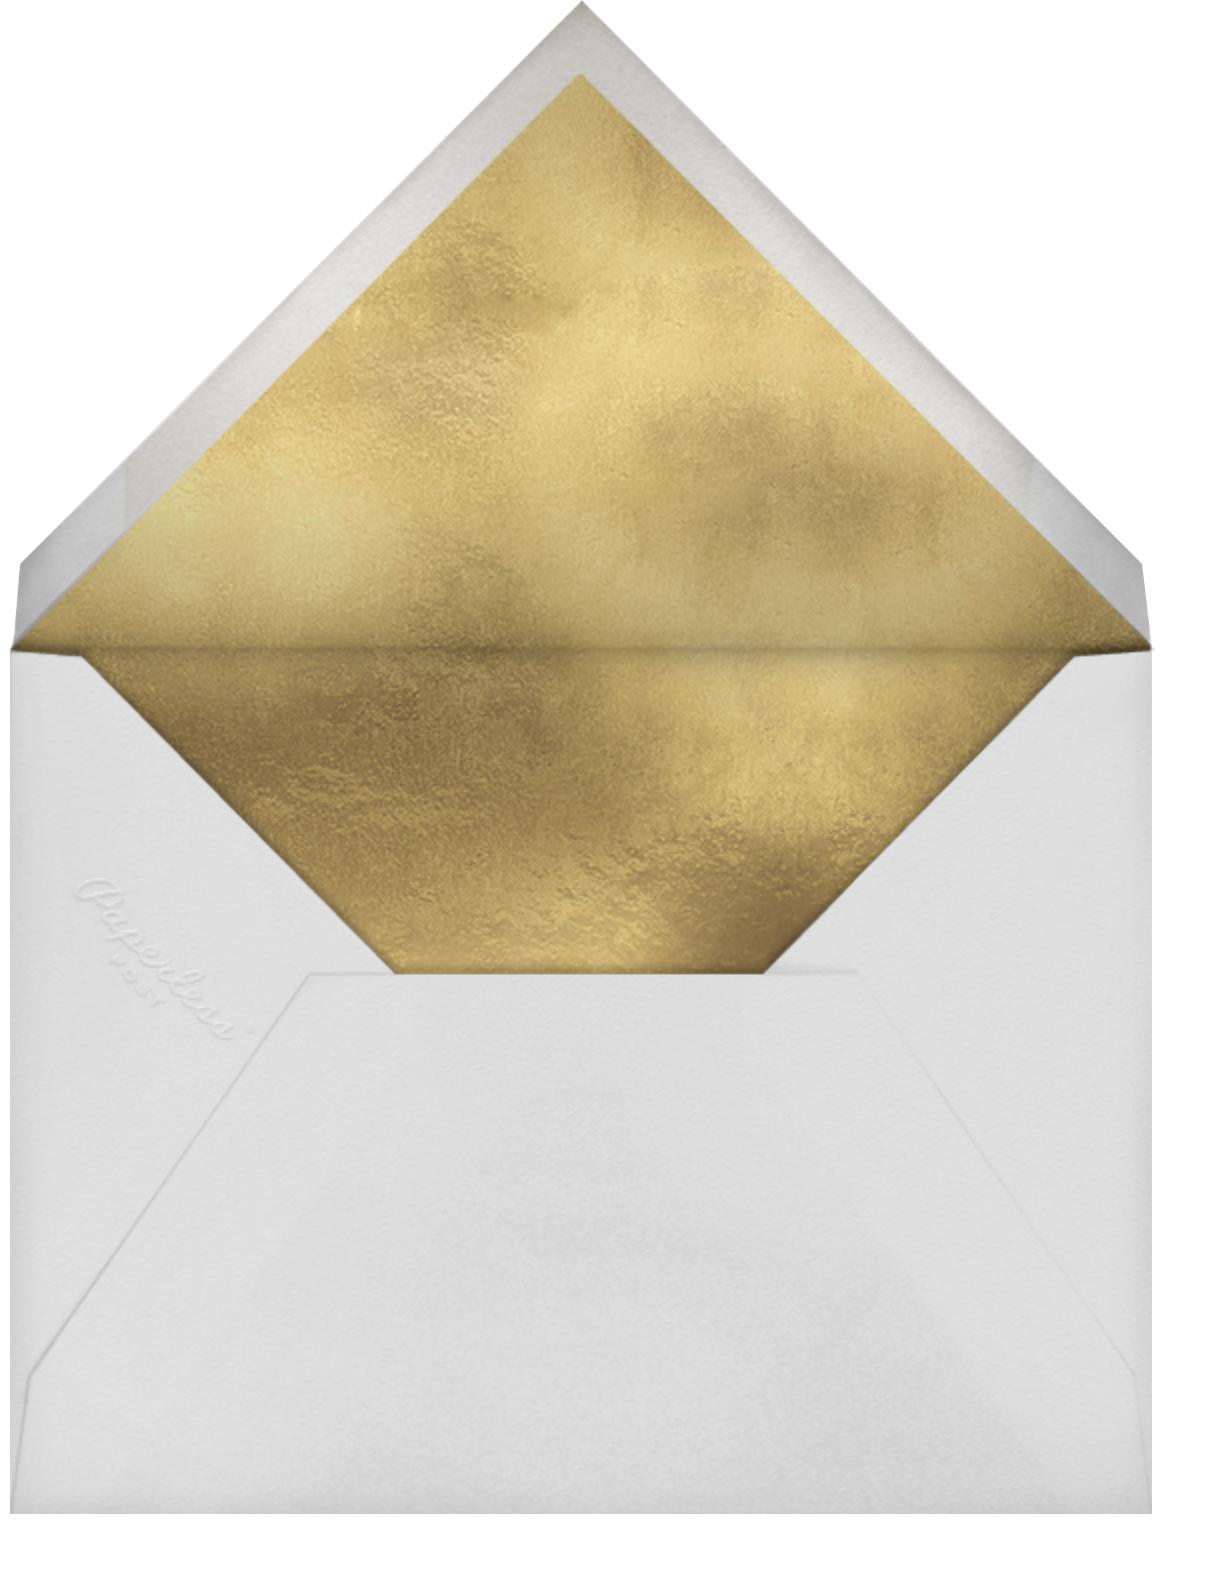 Flemish Tapestry - Oscar de la Renta - Adult birthday - envelope back